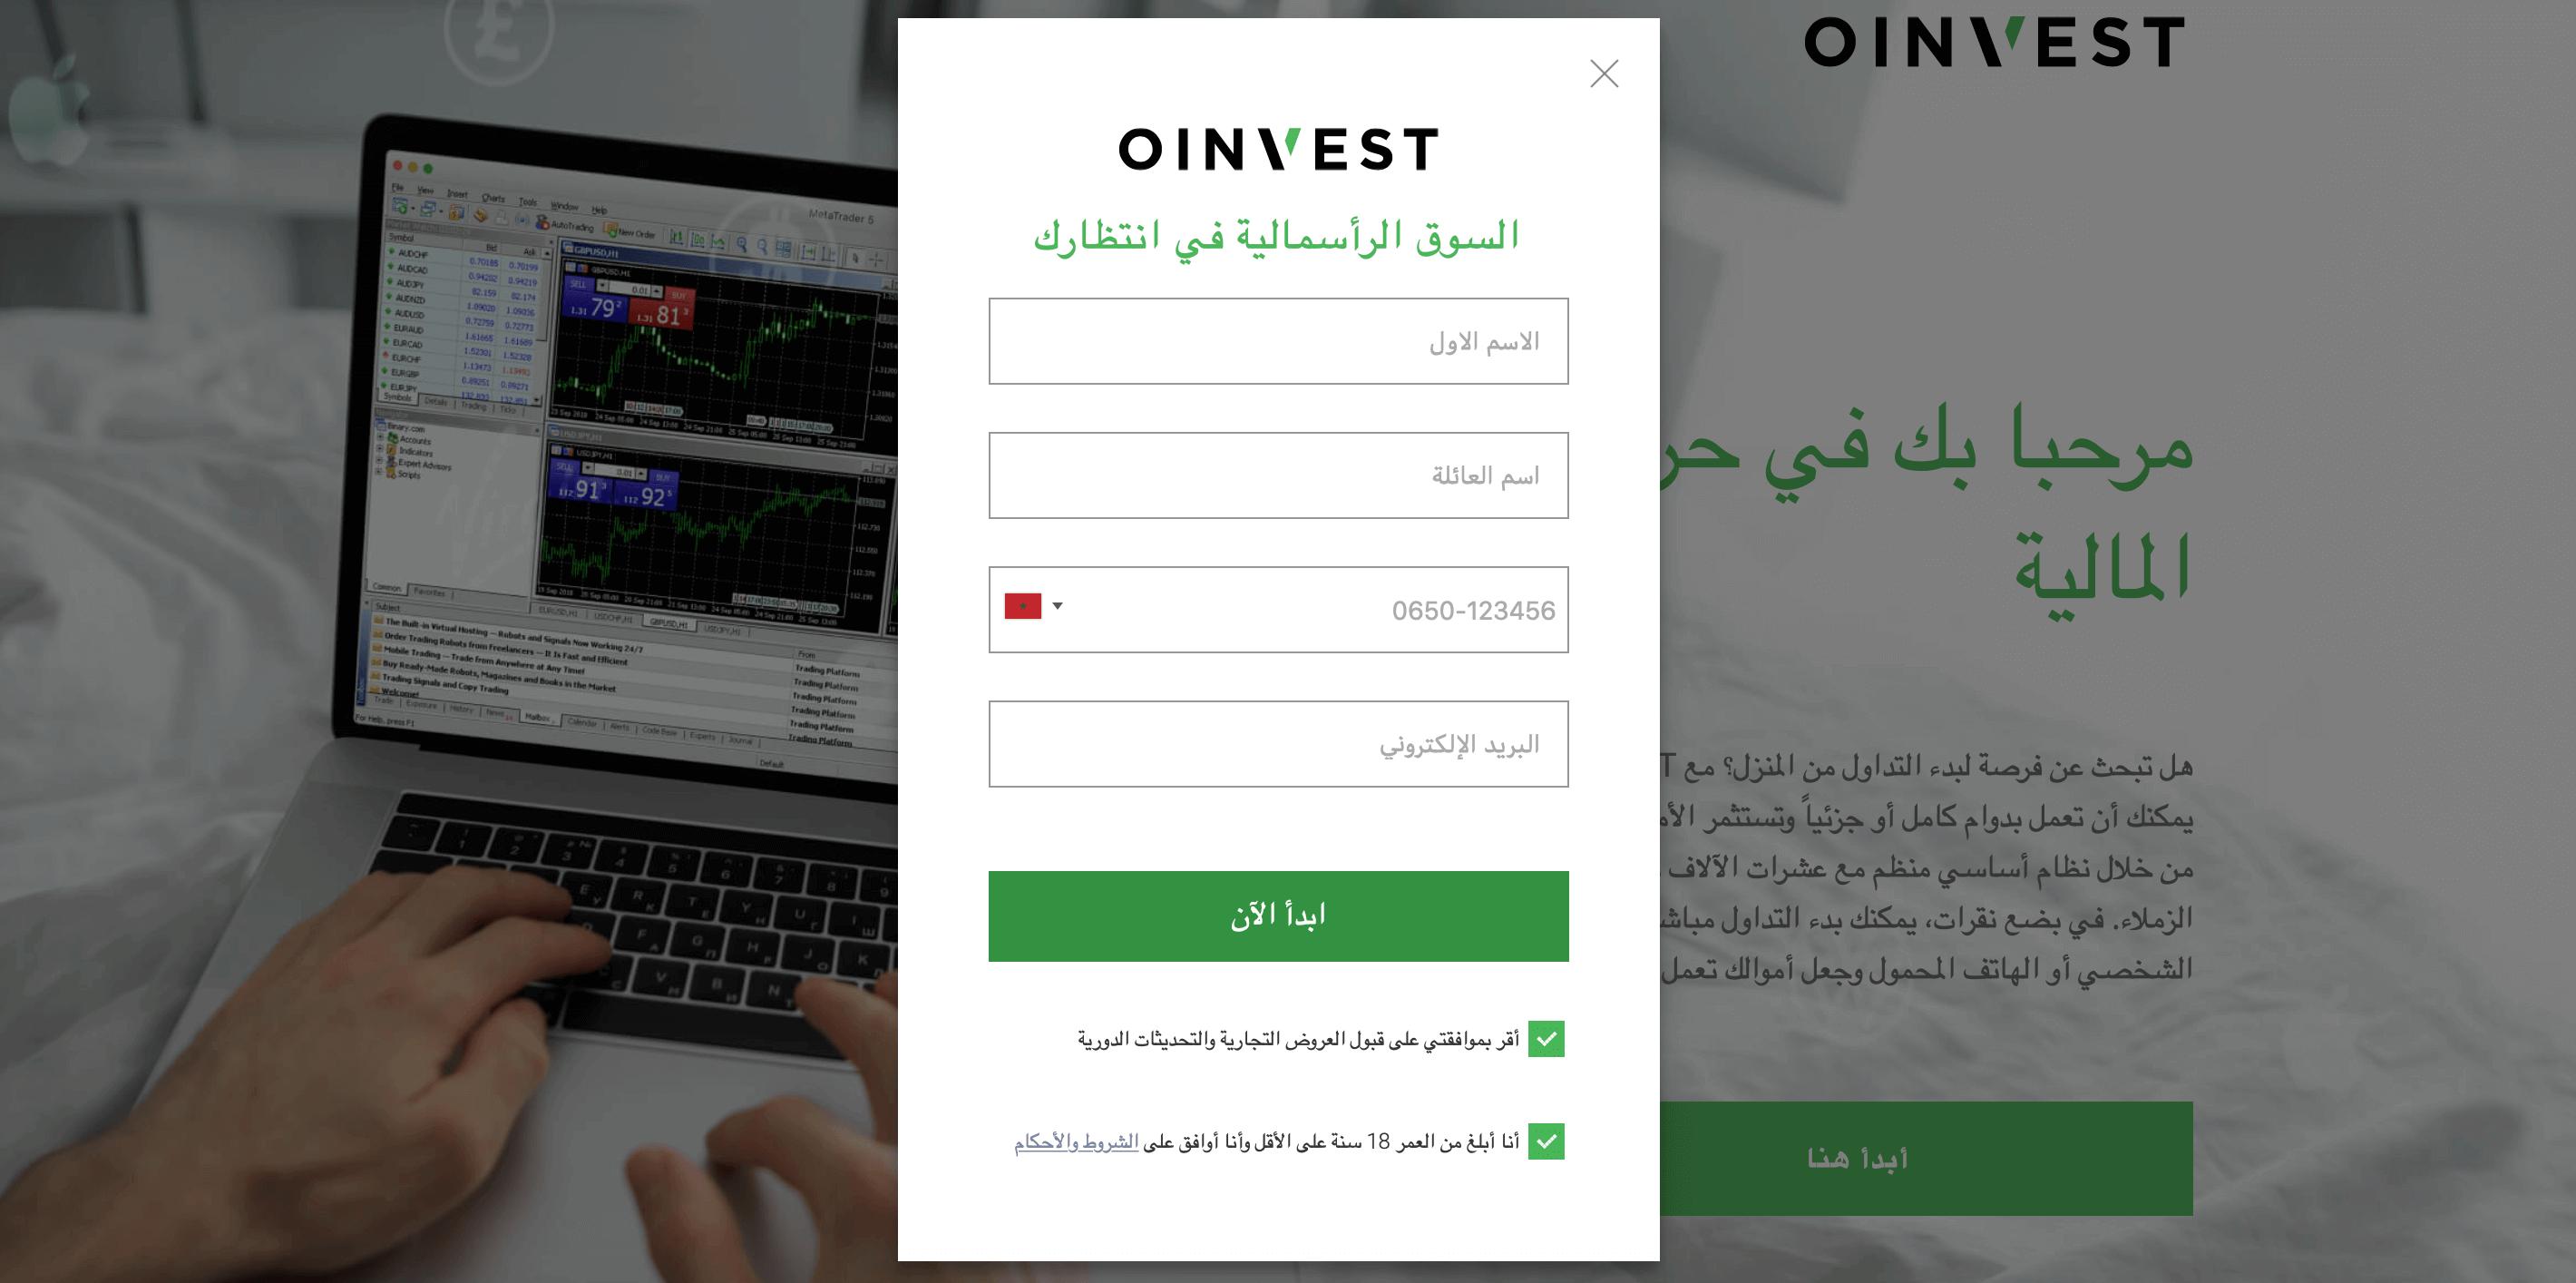 حساب Oinvest